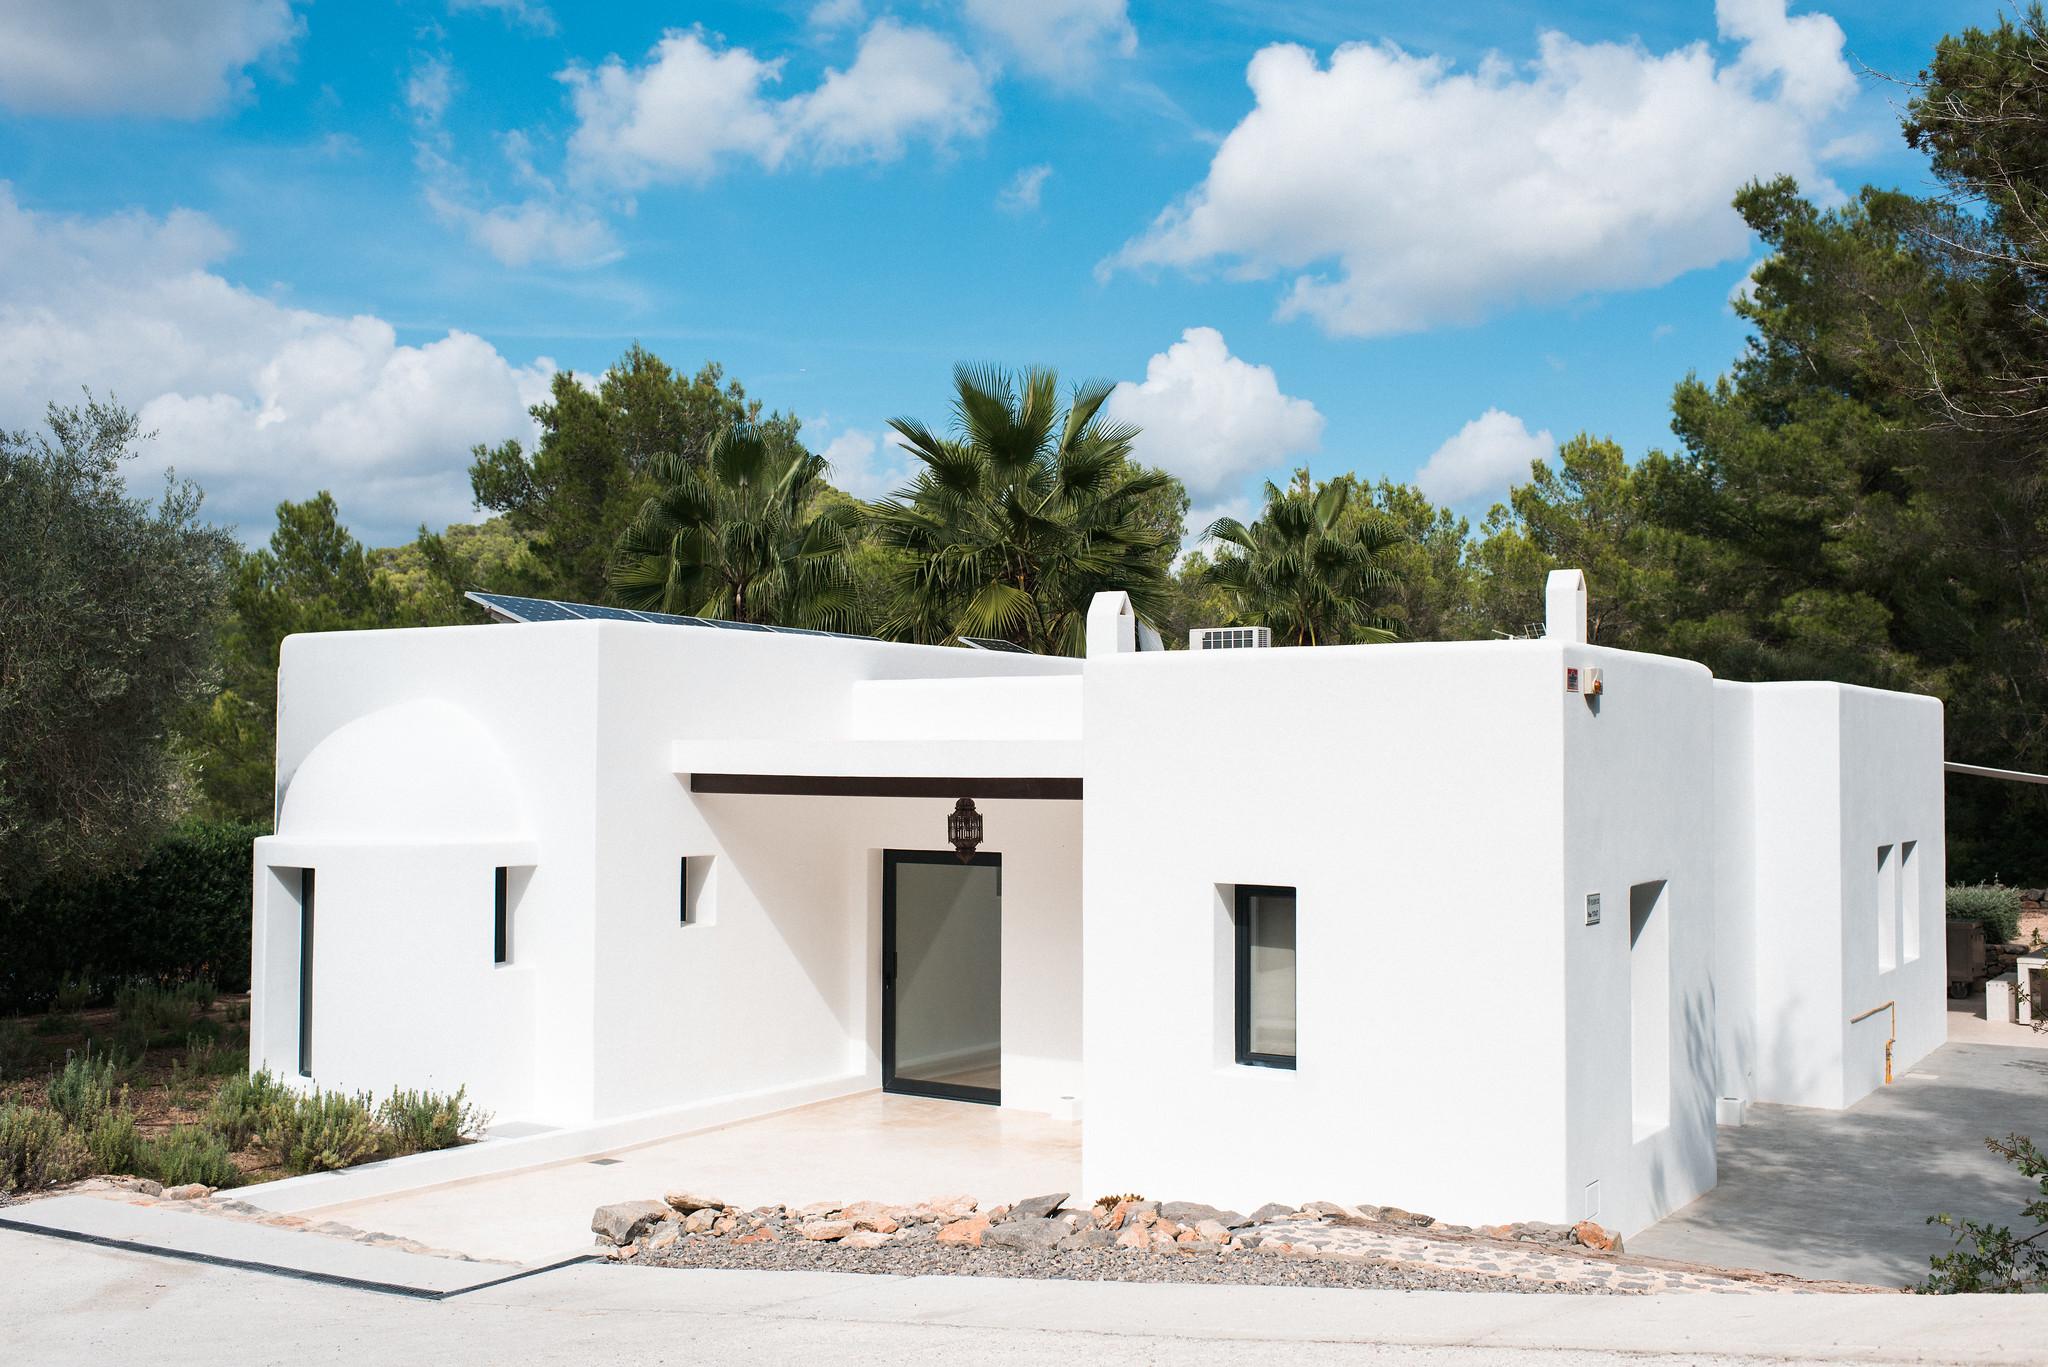 https://www.white-ibiza.com/wp-content/uploads/2020/05/white-ibiza-villas-casa-estrella-exterior-facade.jpg